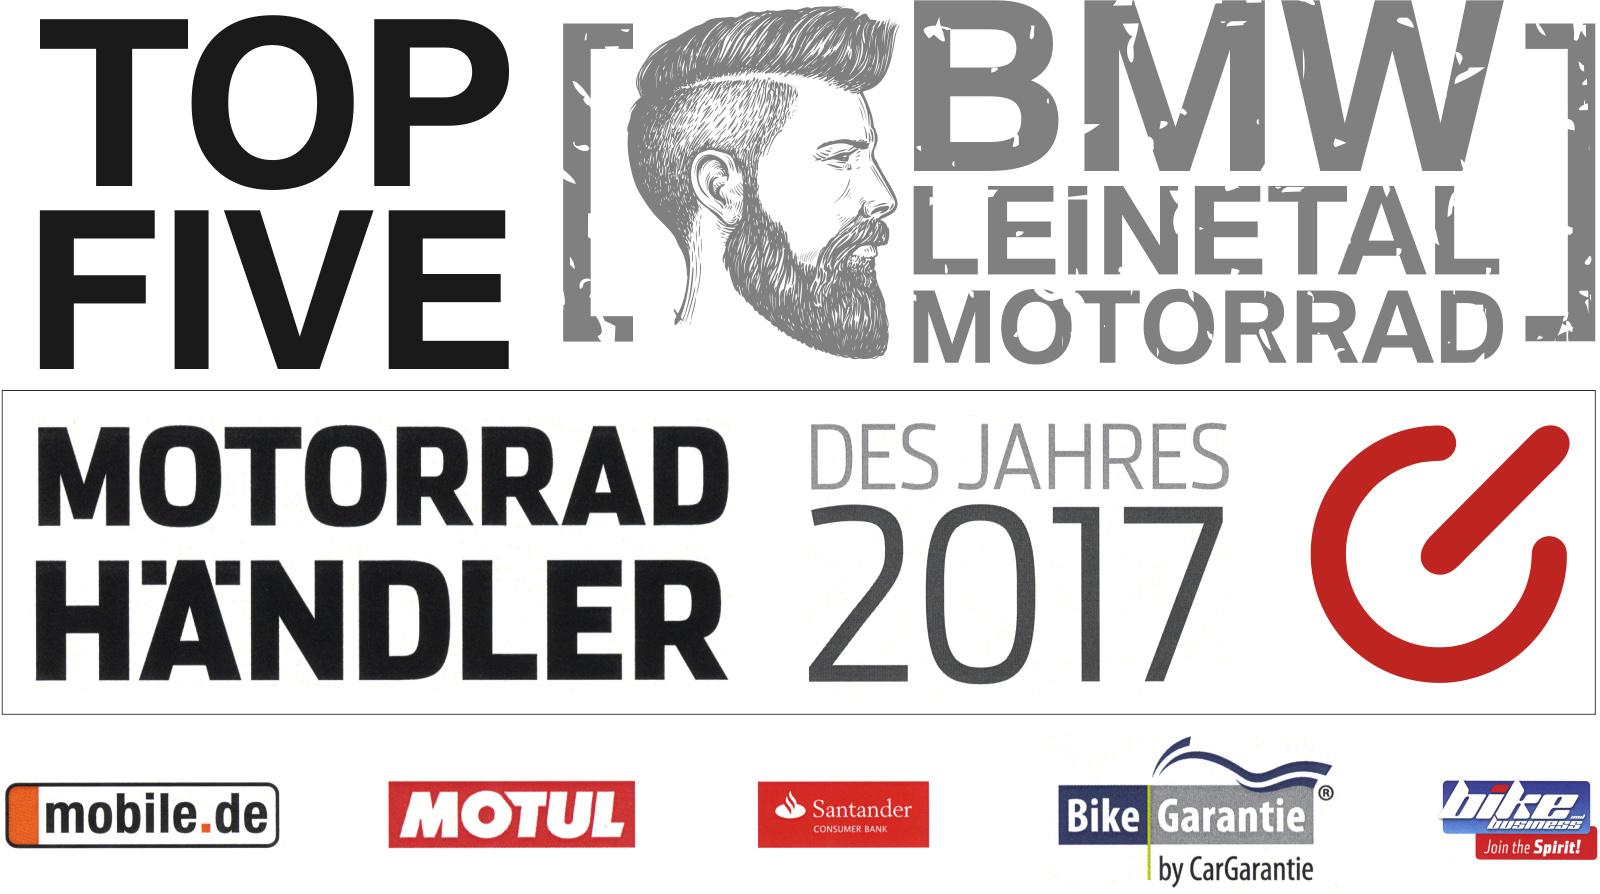 Die Biker-Saison ist jetzt eröffnet: Autohaus Leinetal in Einbeck ...